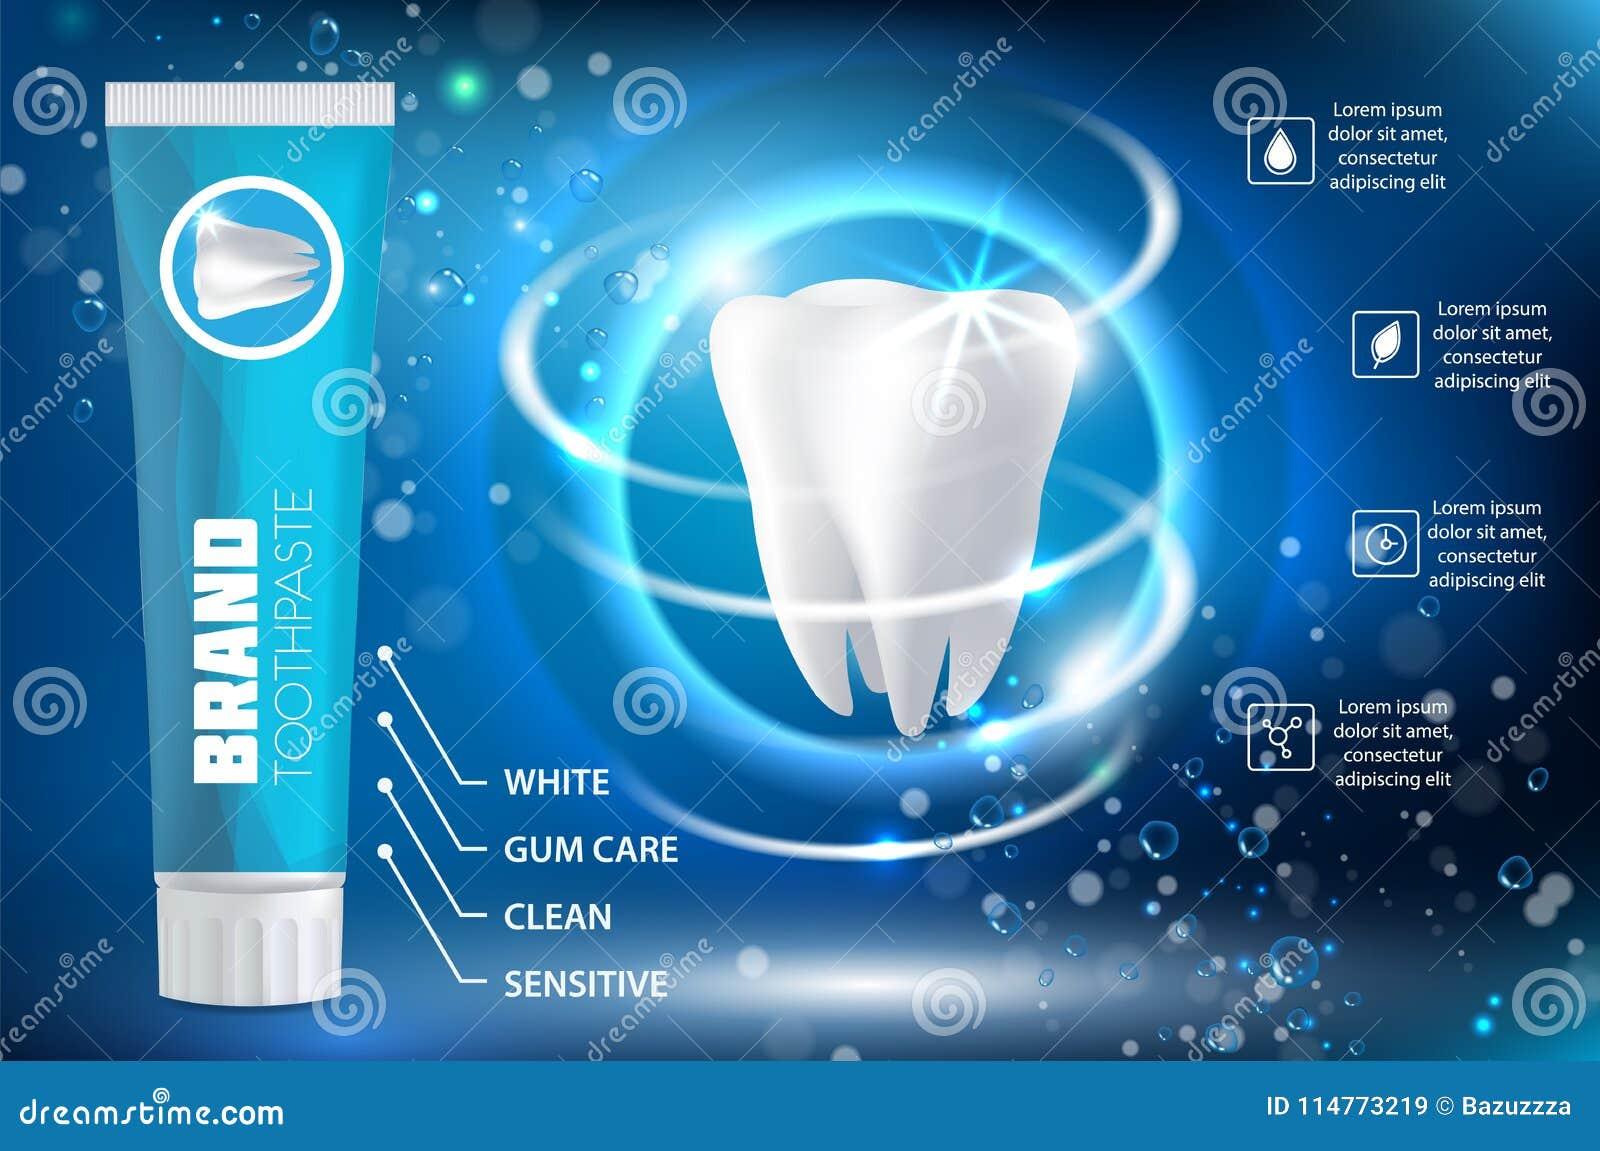 漂白牙膏广告传染媒介现实例证